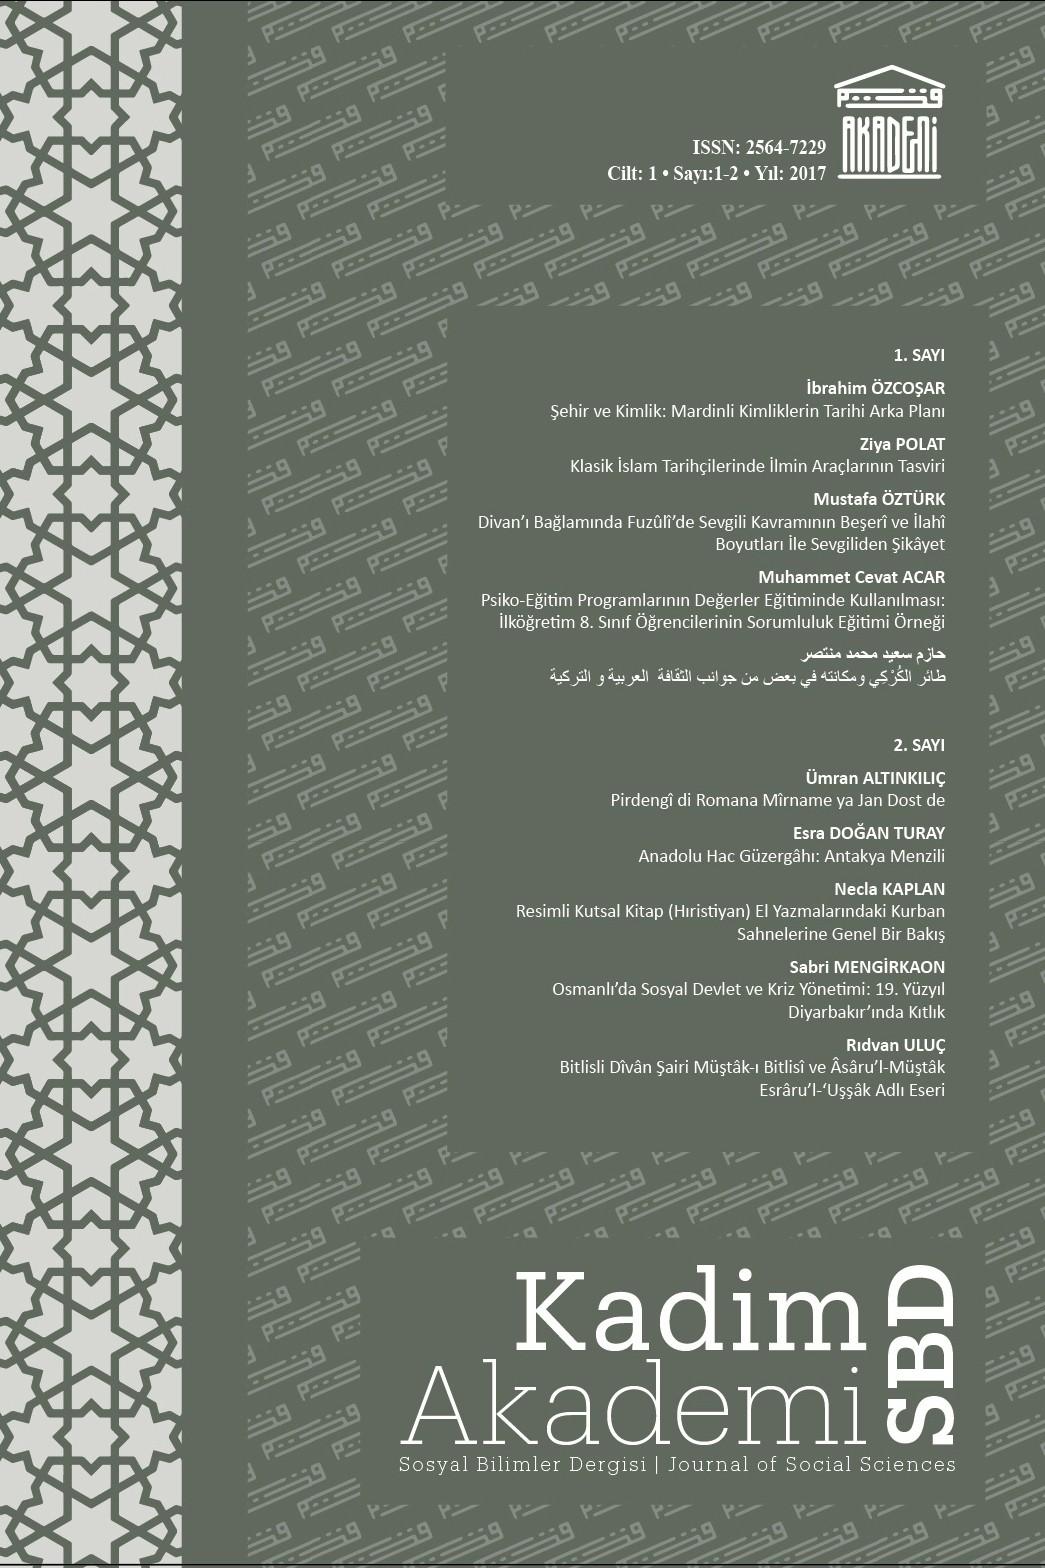 Kadim Akademi SBD